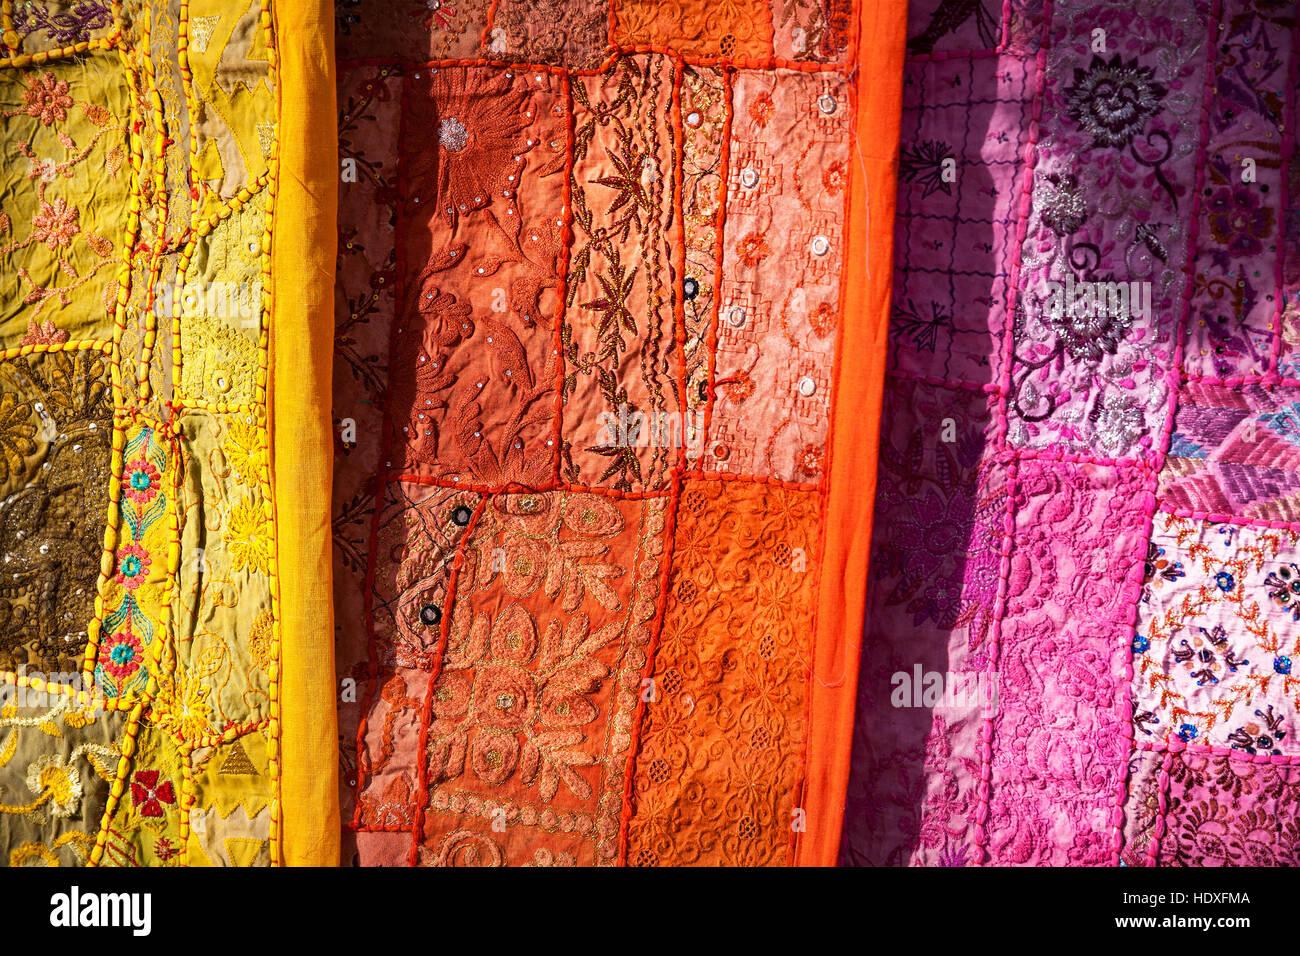 Città mercato di strada con abiti tradizionali sulla parete di Jaisalmer fort nel Rajasthan, India Immagini Stock